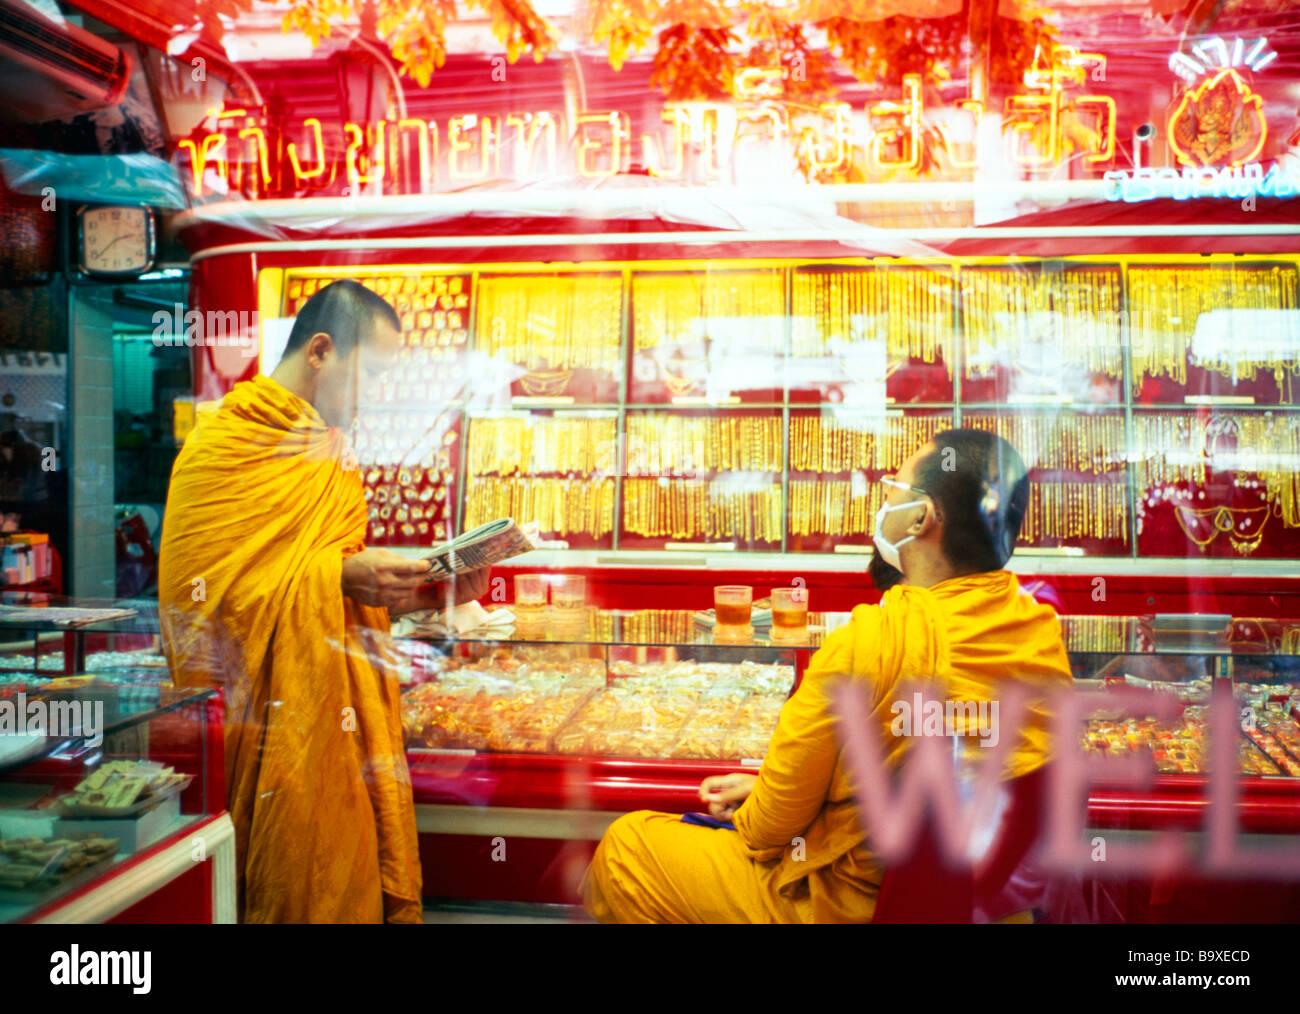 Les moines Bouddhistes en Thaïlande, de magasins de vente d'or Photo Stock